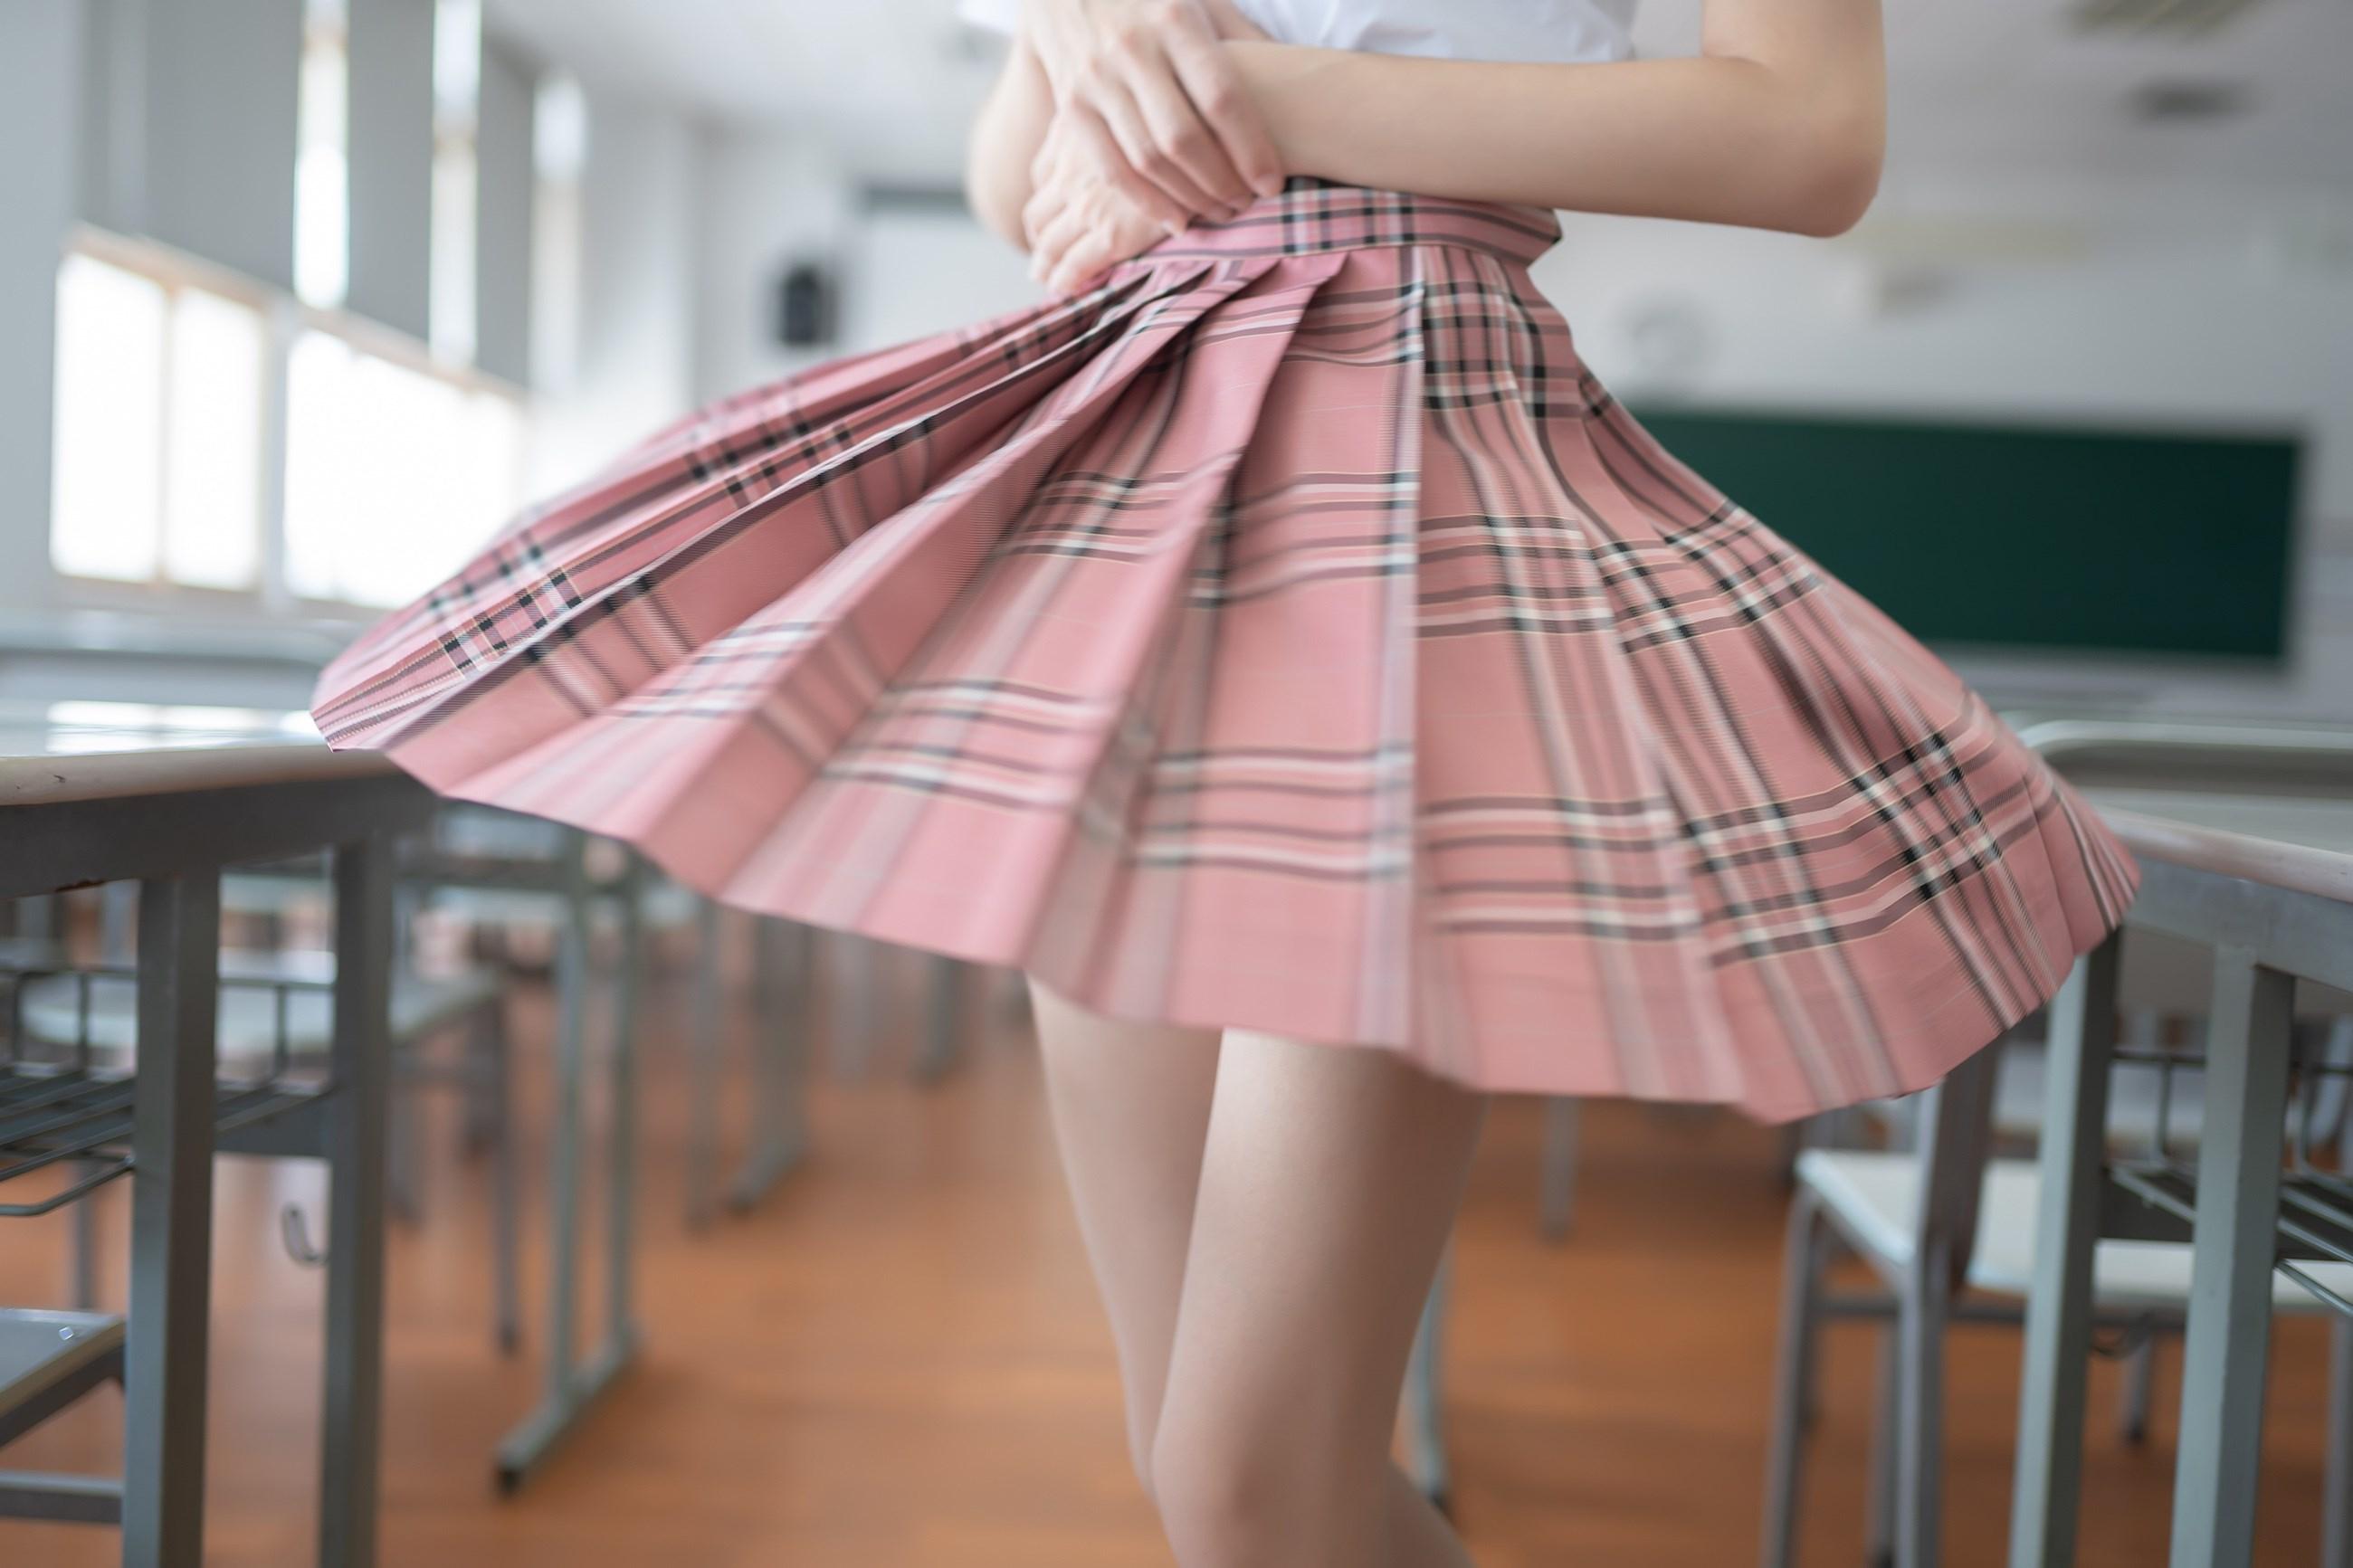 【兔玩映画】粉色格裙少女 兔玩映画 第49张